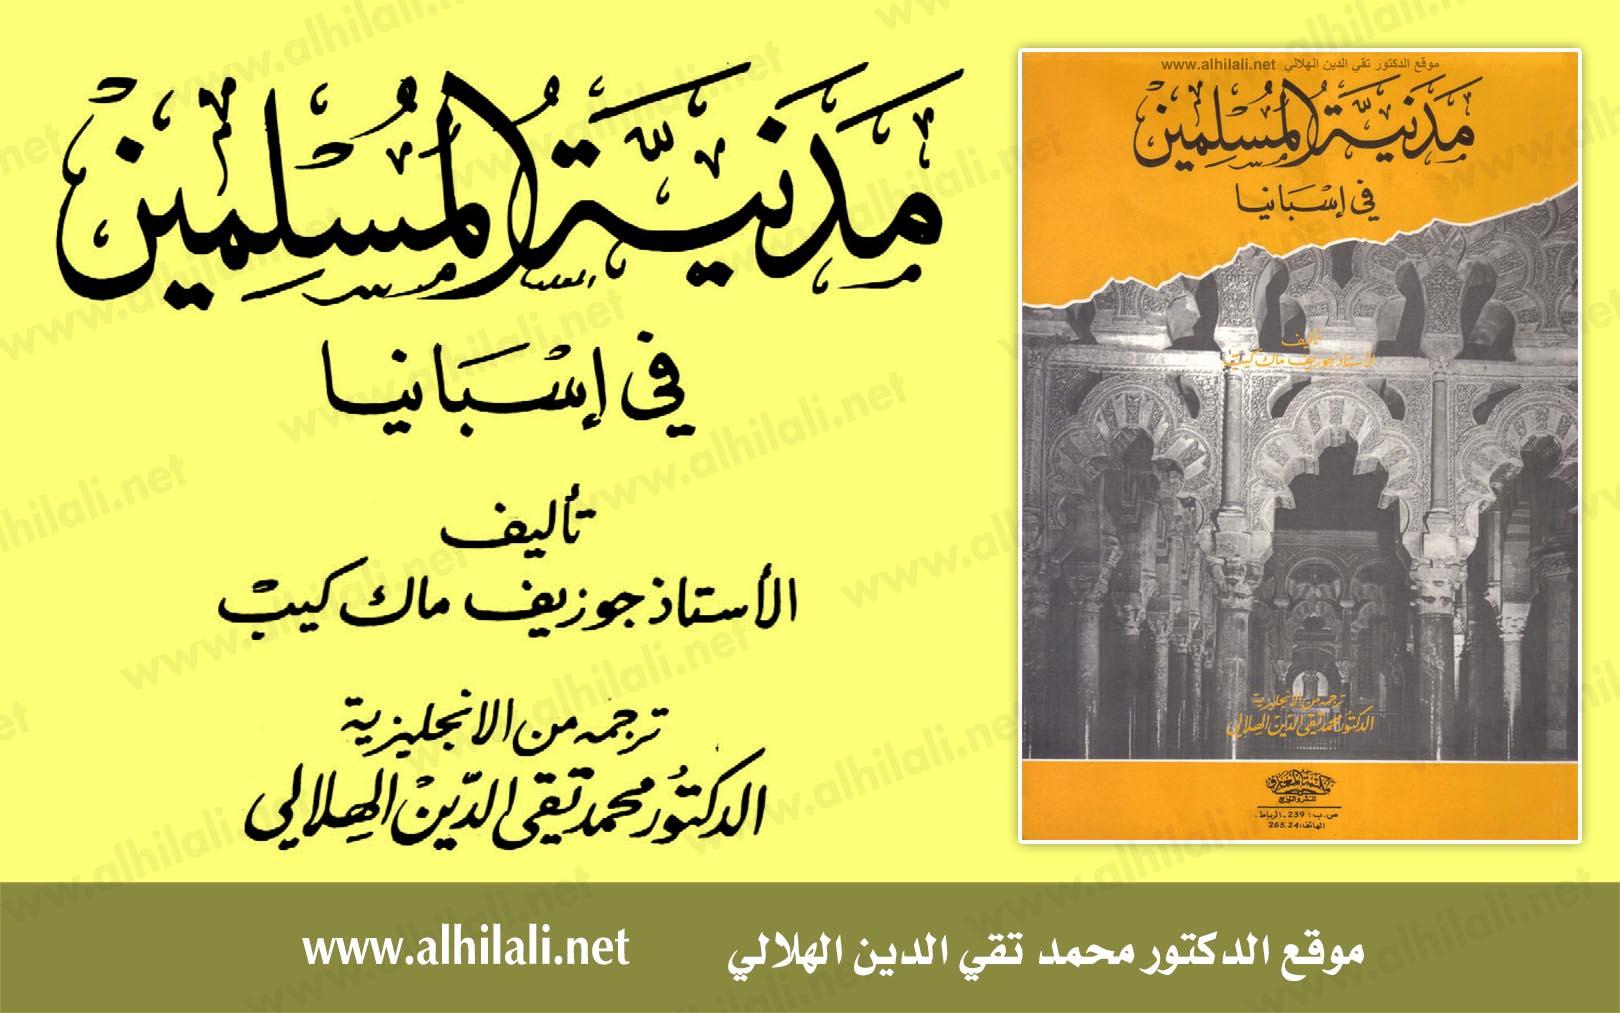 مدنية المسلمين في إسبانبا - تقي الدين الهلالي